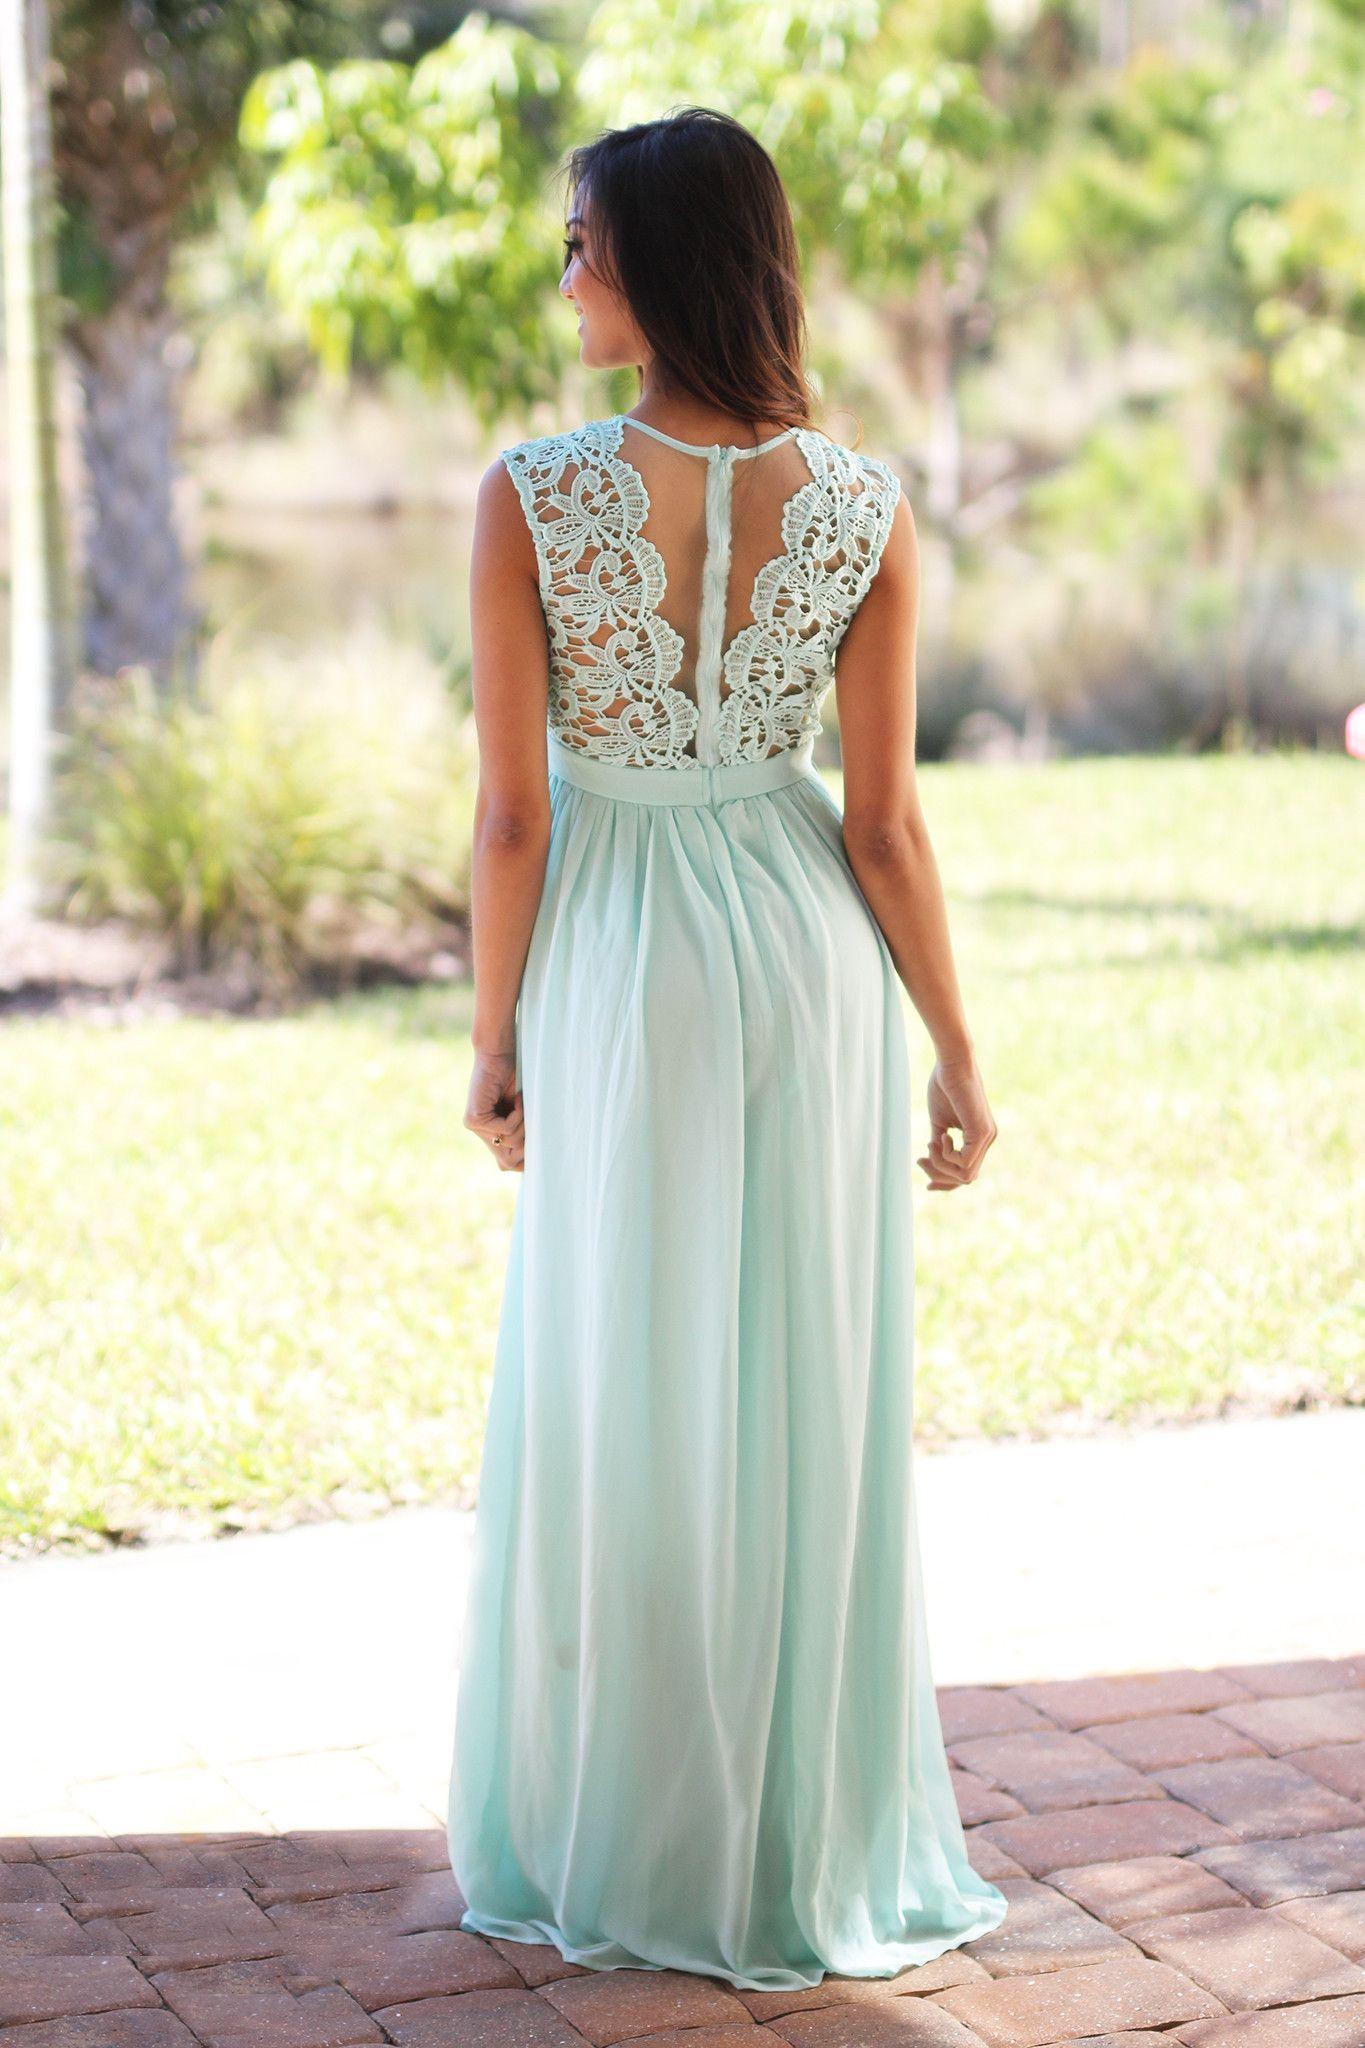 Großhandel Discount Pastell Blue Lace Brautjungfer Kleider 14 Günstige  Jewel Ausschnitt Chiffon Bodenlangen Lange Lange Brautjungfer Kleider Für